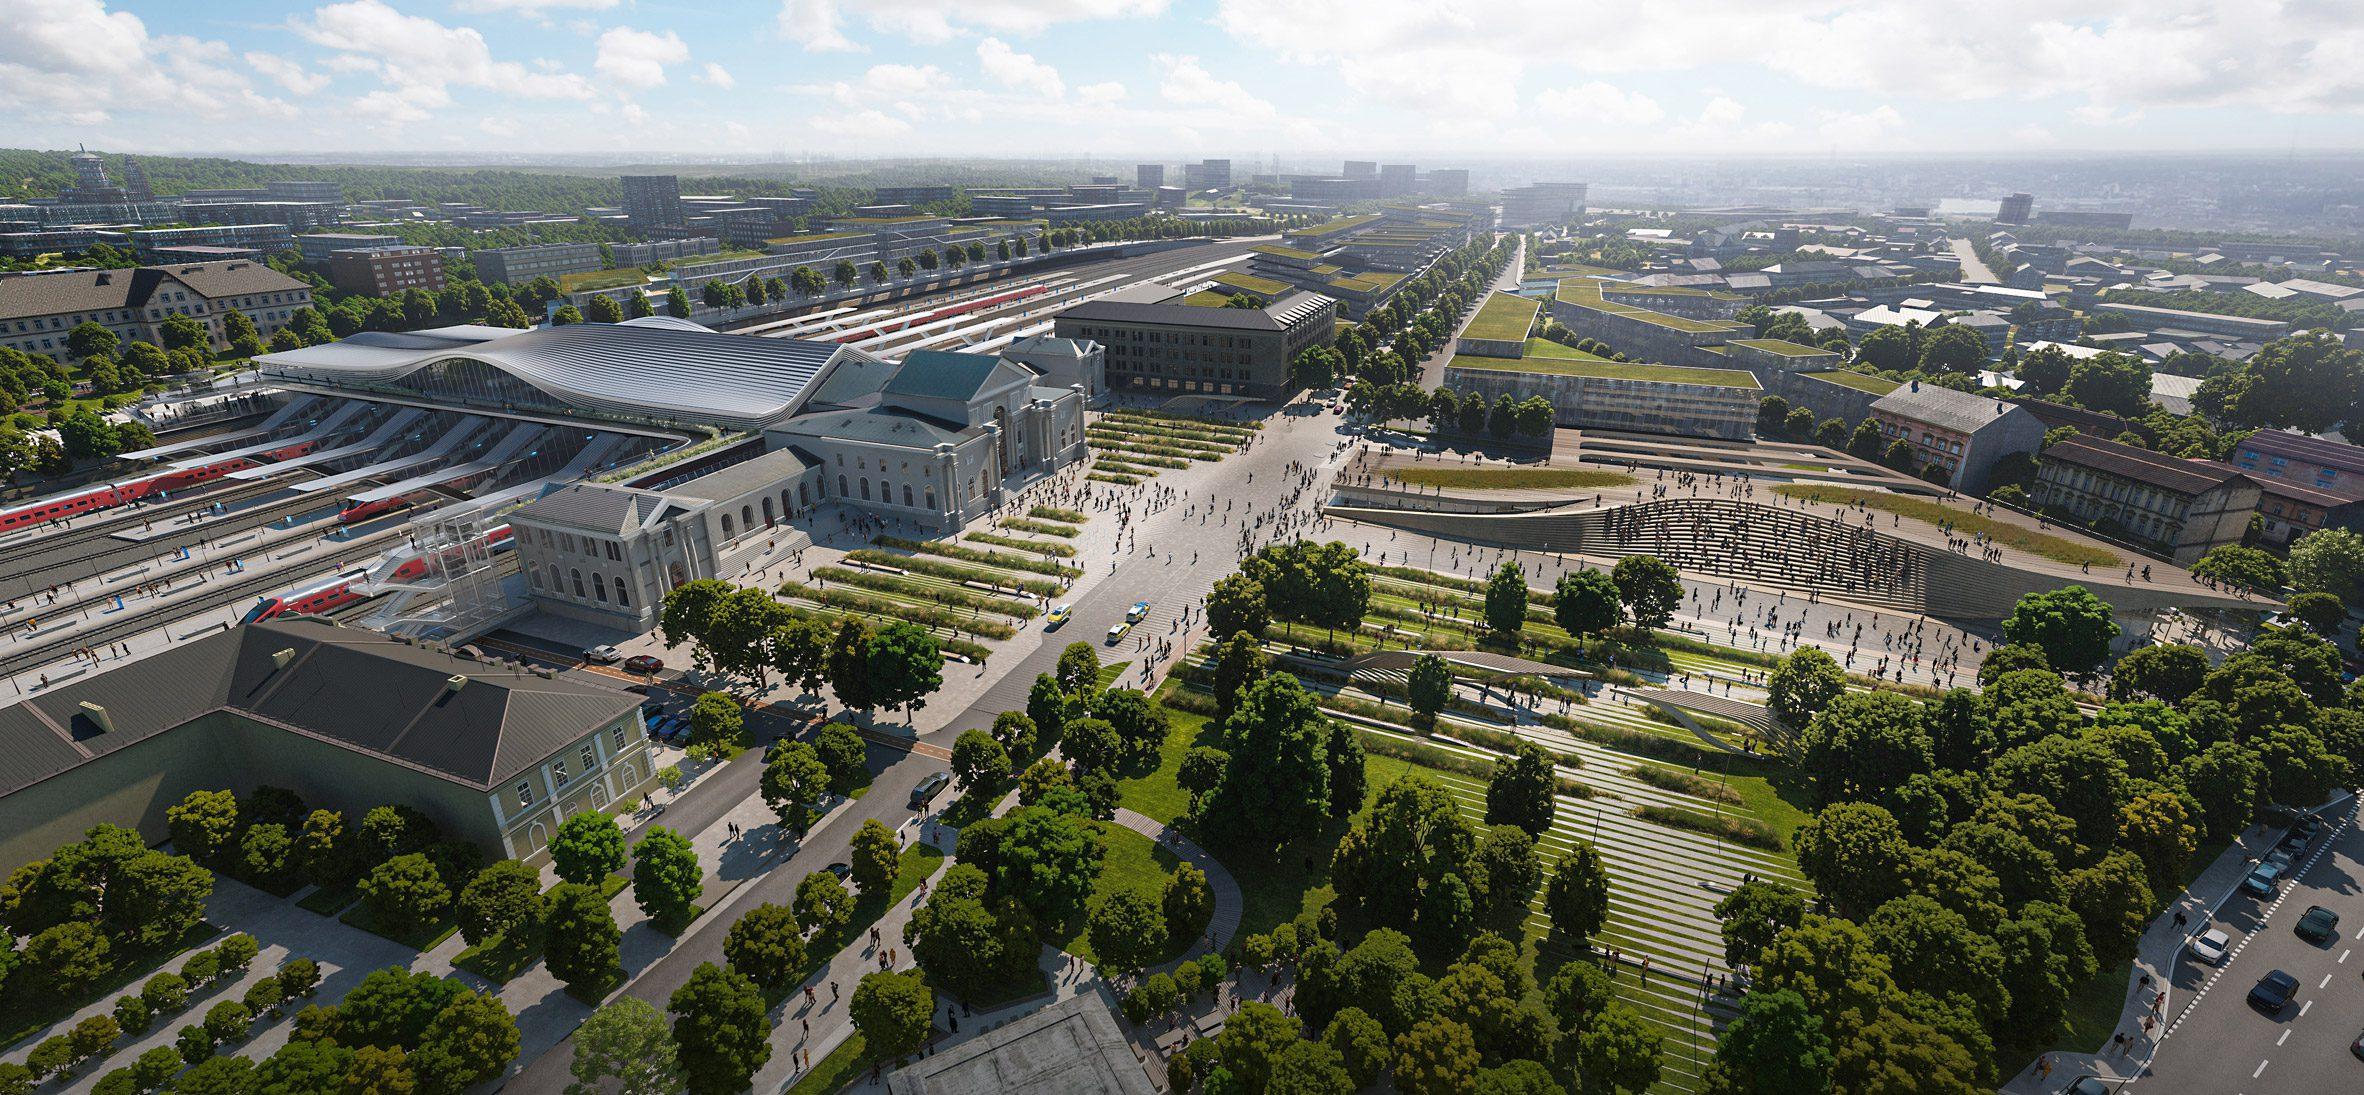 Аэрофотоснимок планируемой реновации Вильнюсского вокзала. Рендер реконструкции Green Connect от Zaha Hadid Architects.